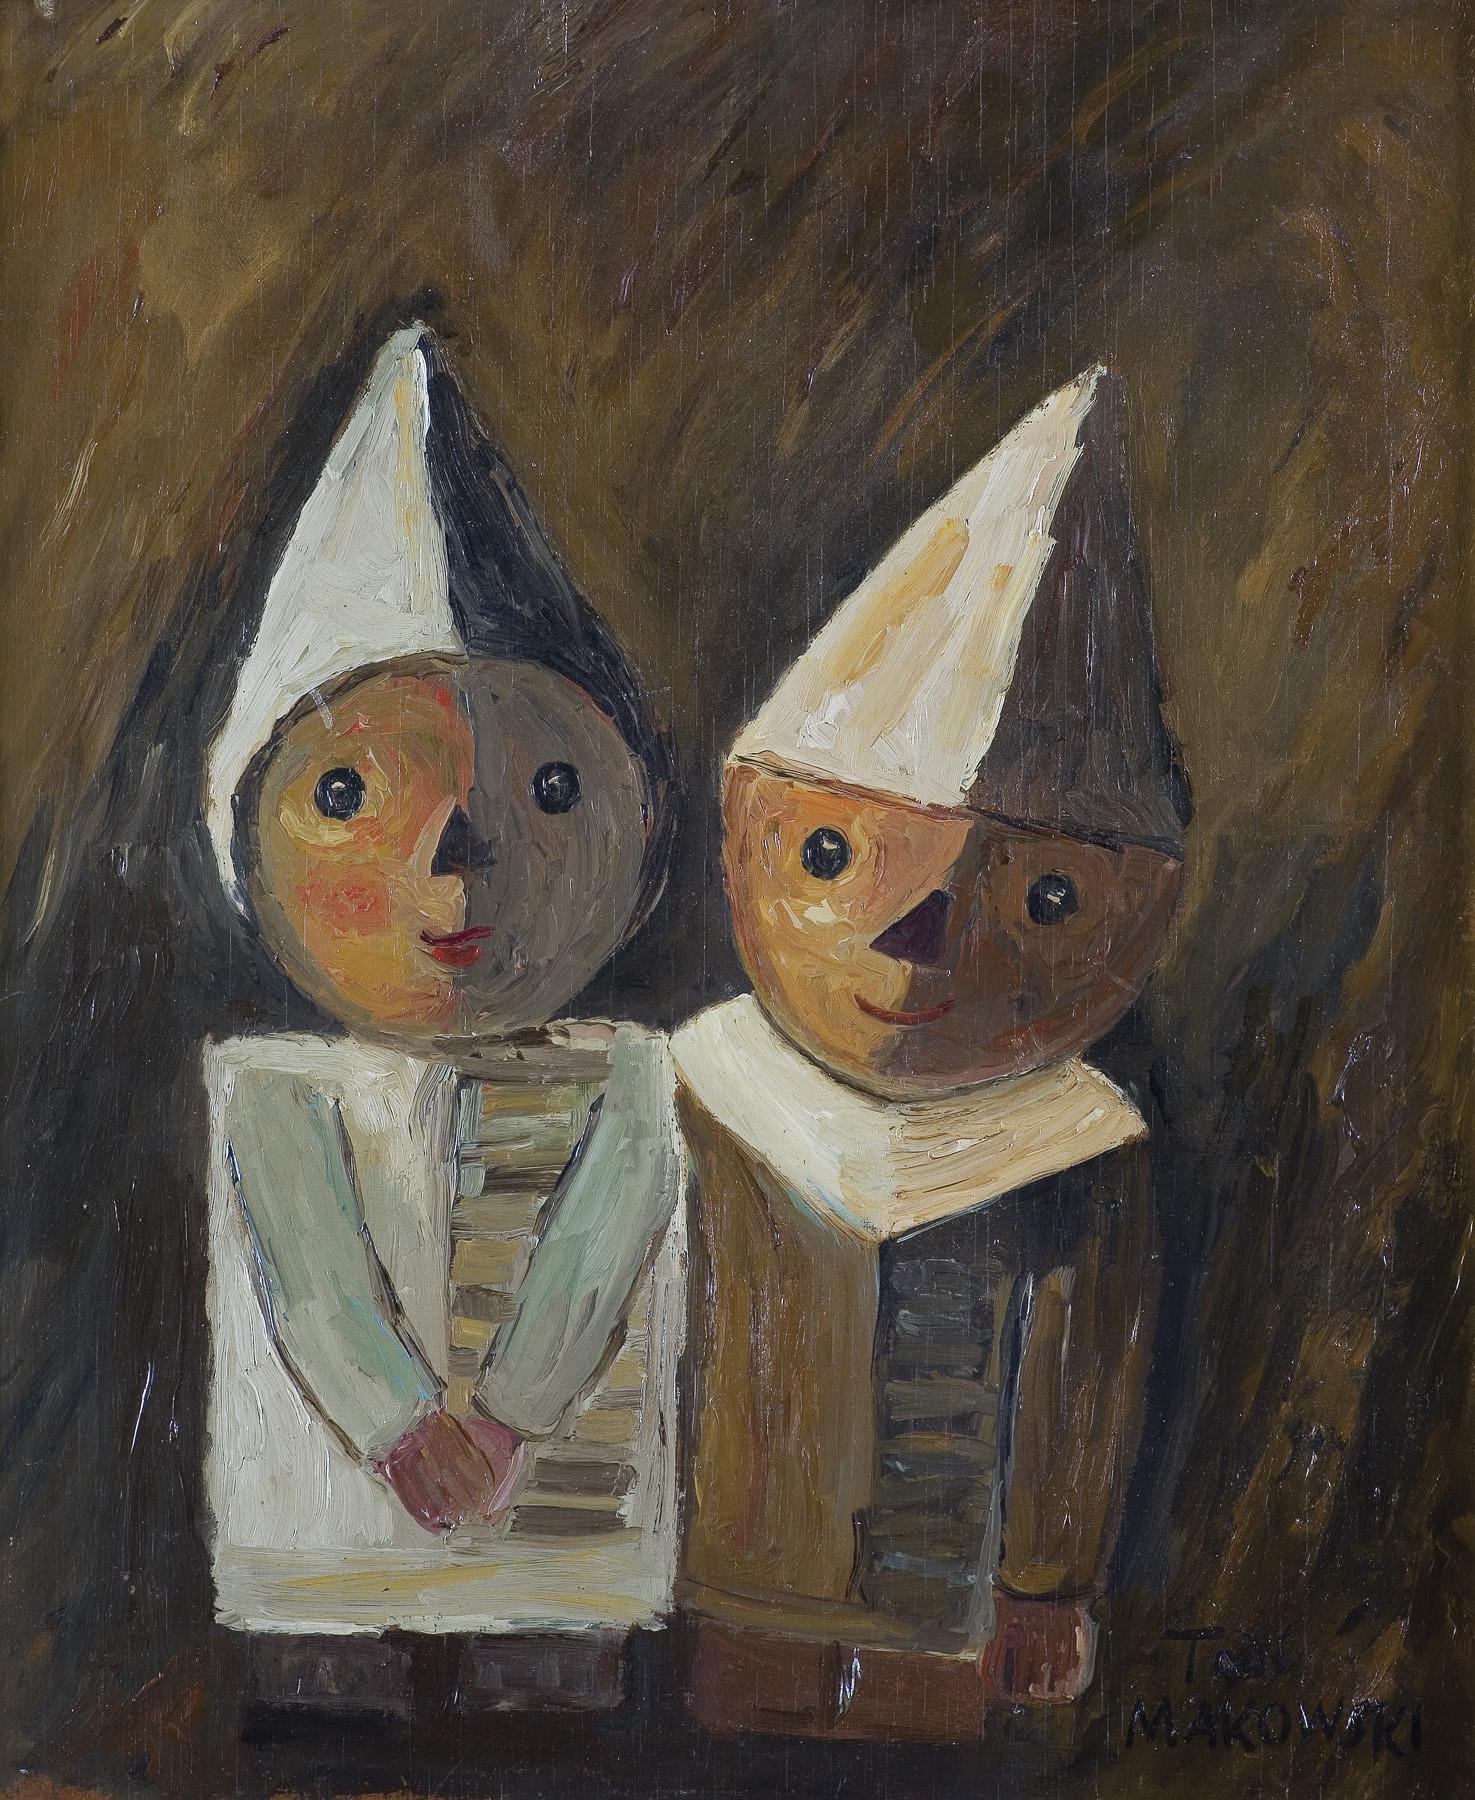 DWOJE DZIECI, ok. 1930